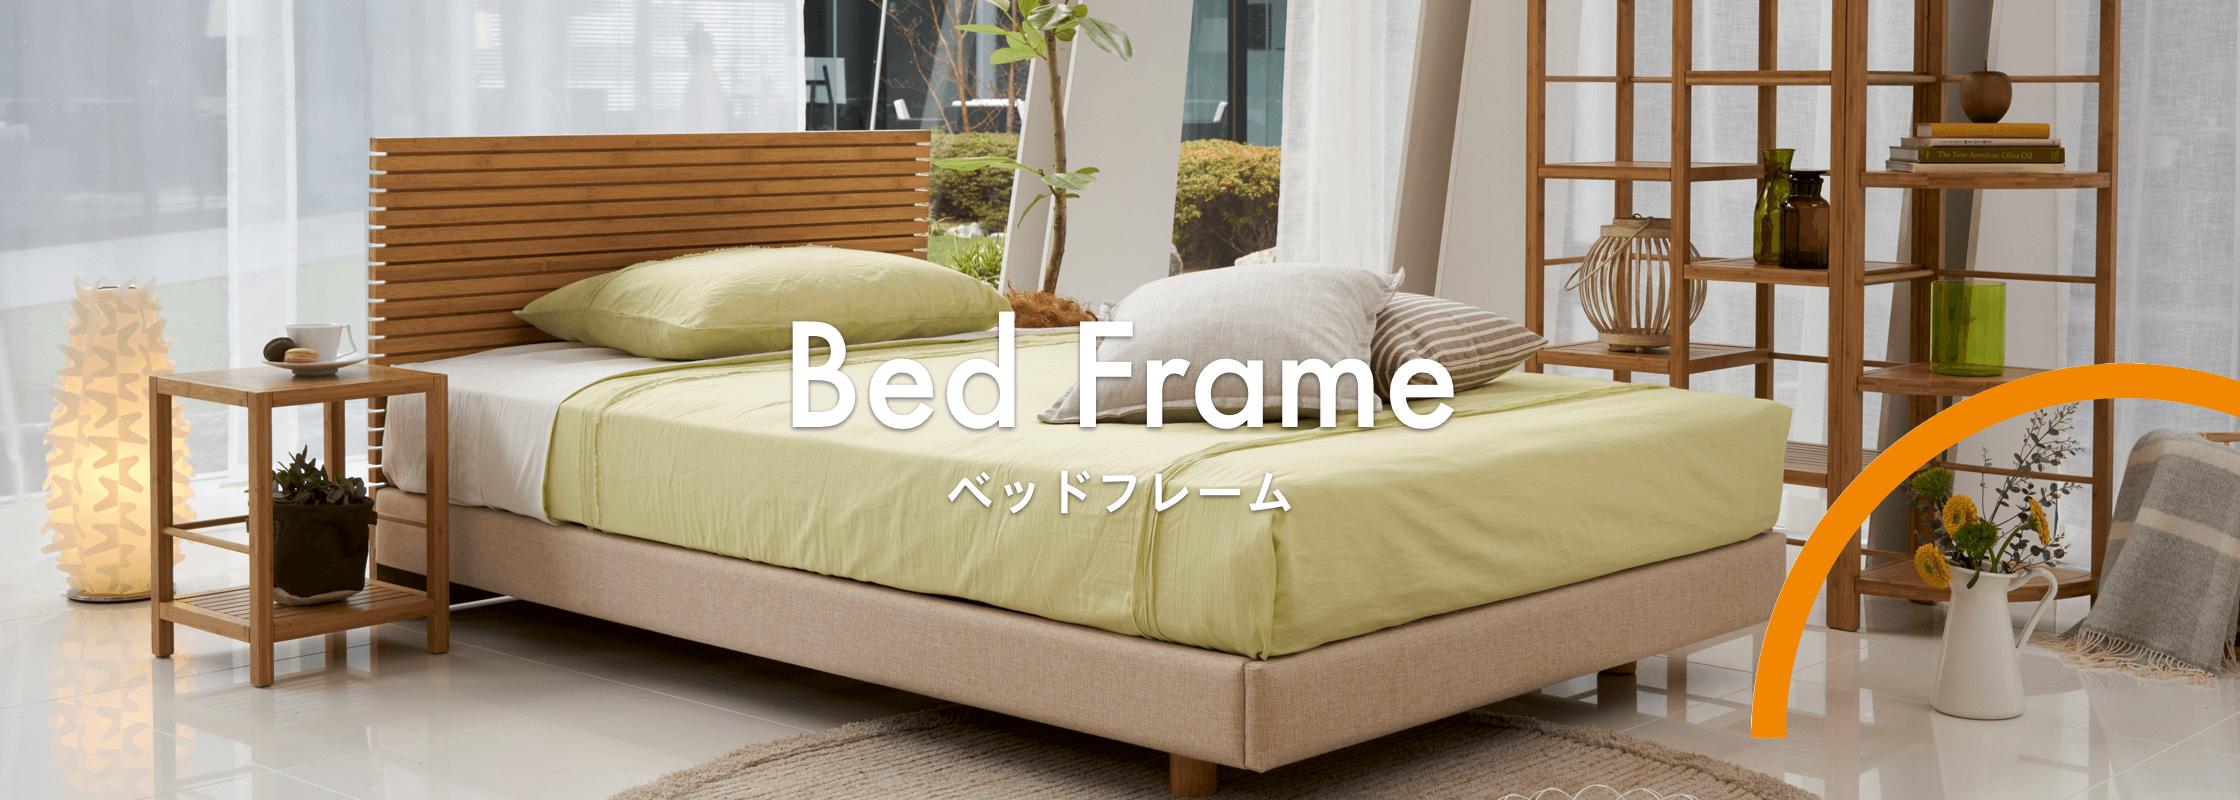 ベッド選びの基本・ベッドフレームの選び方を教えます!